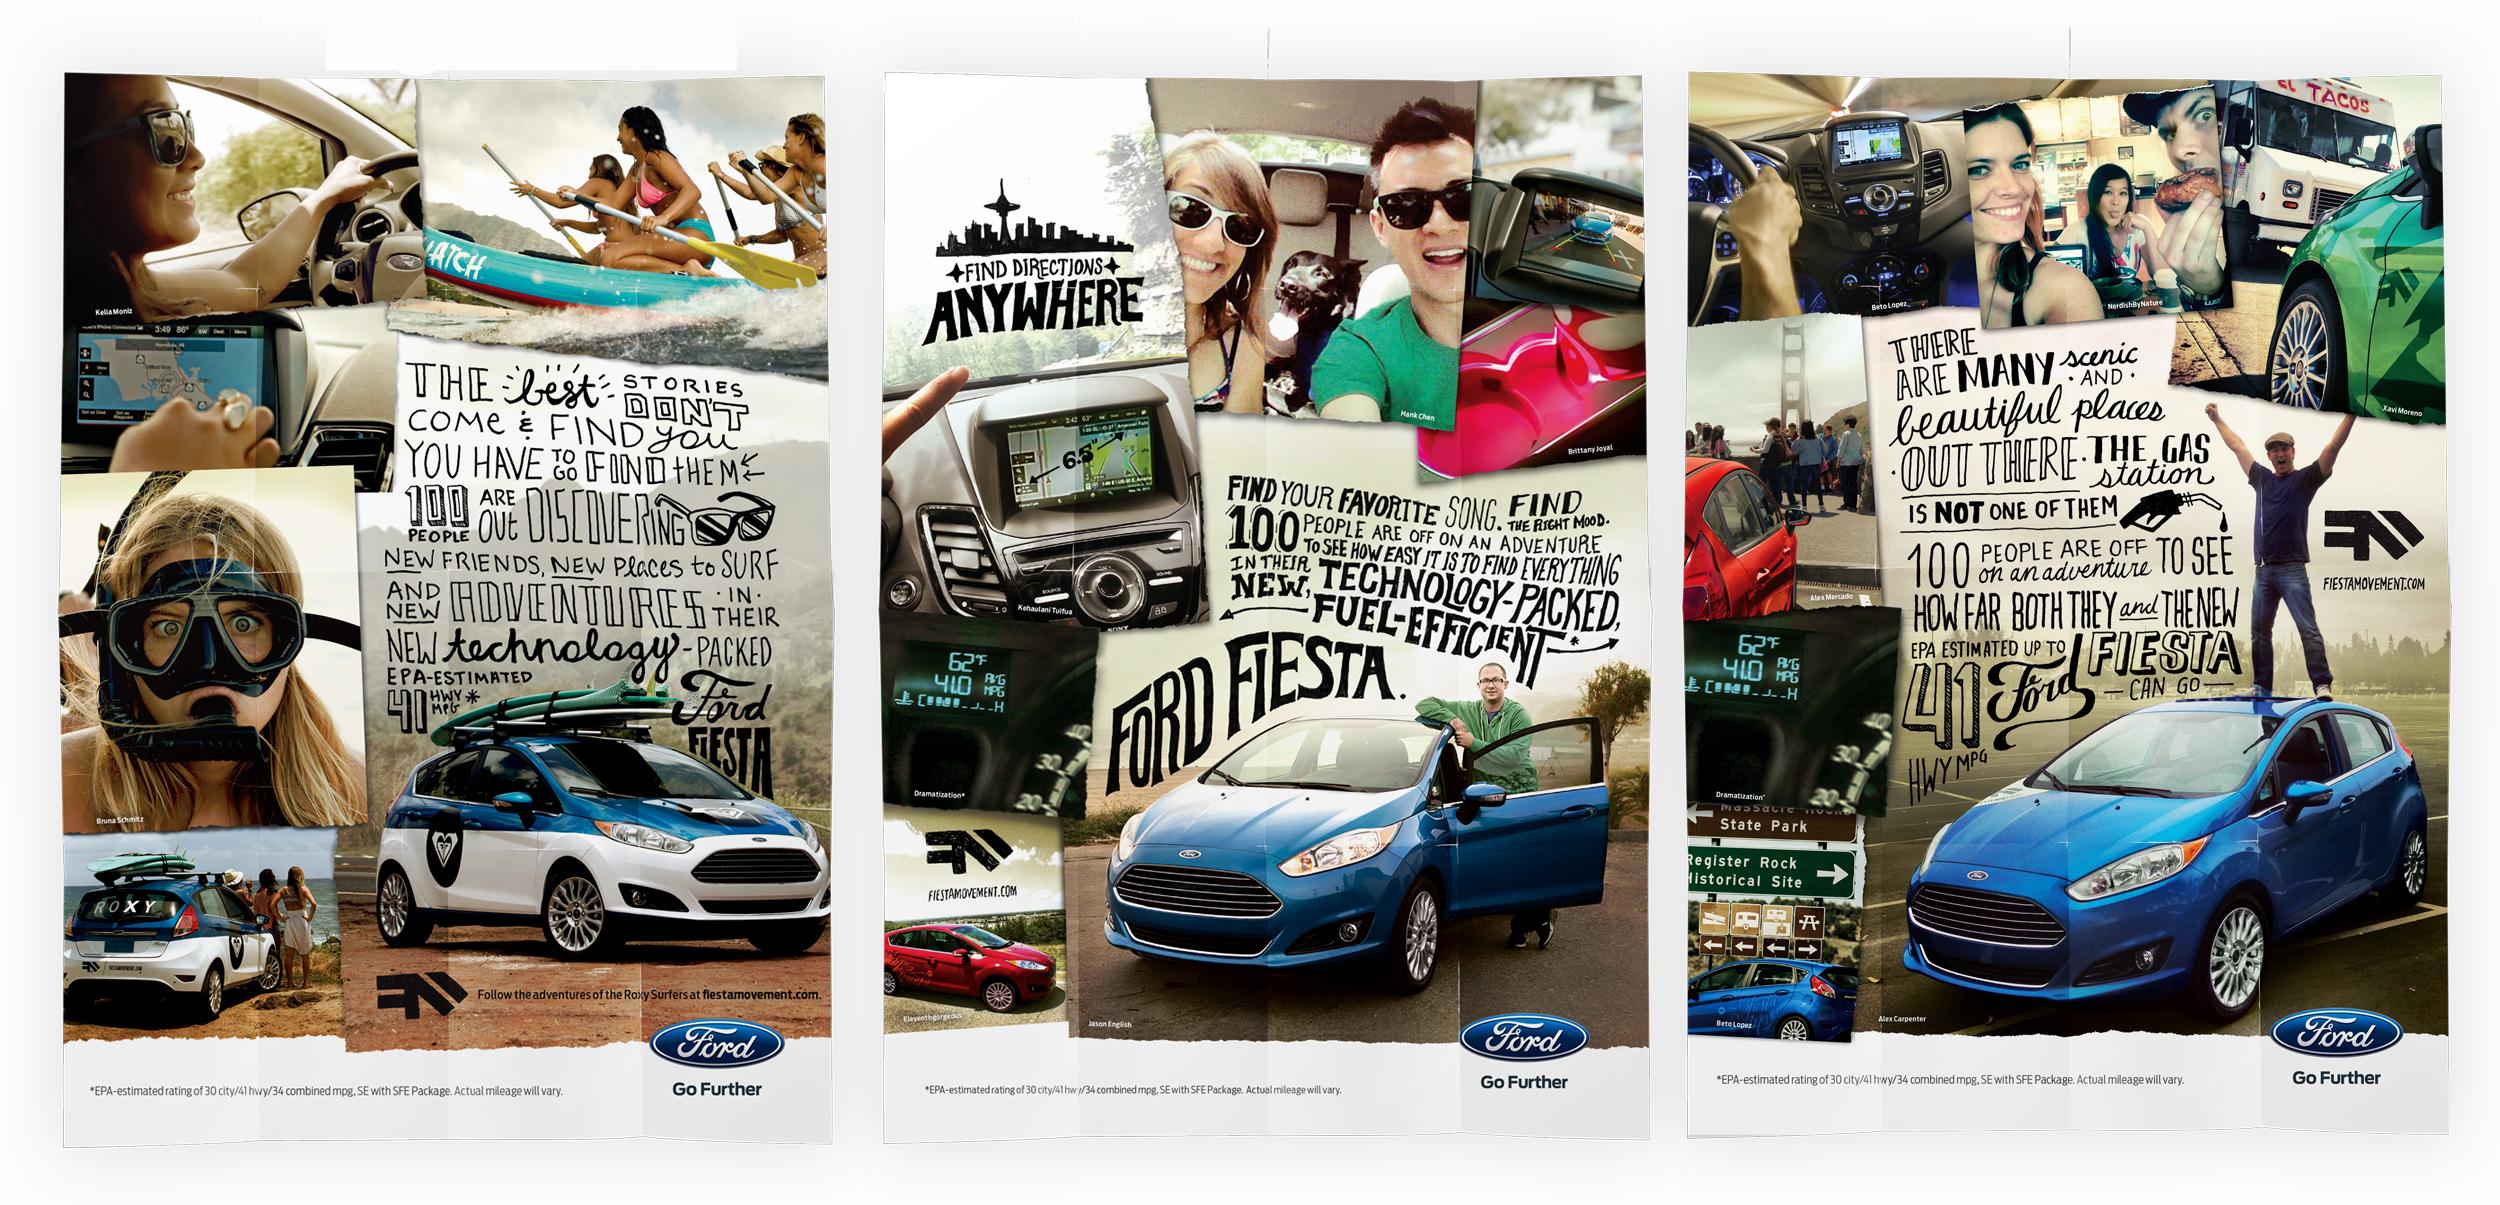 3 ads together.jpg